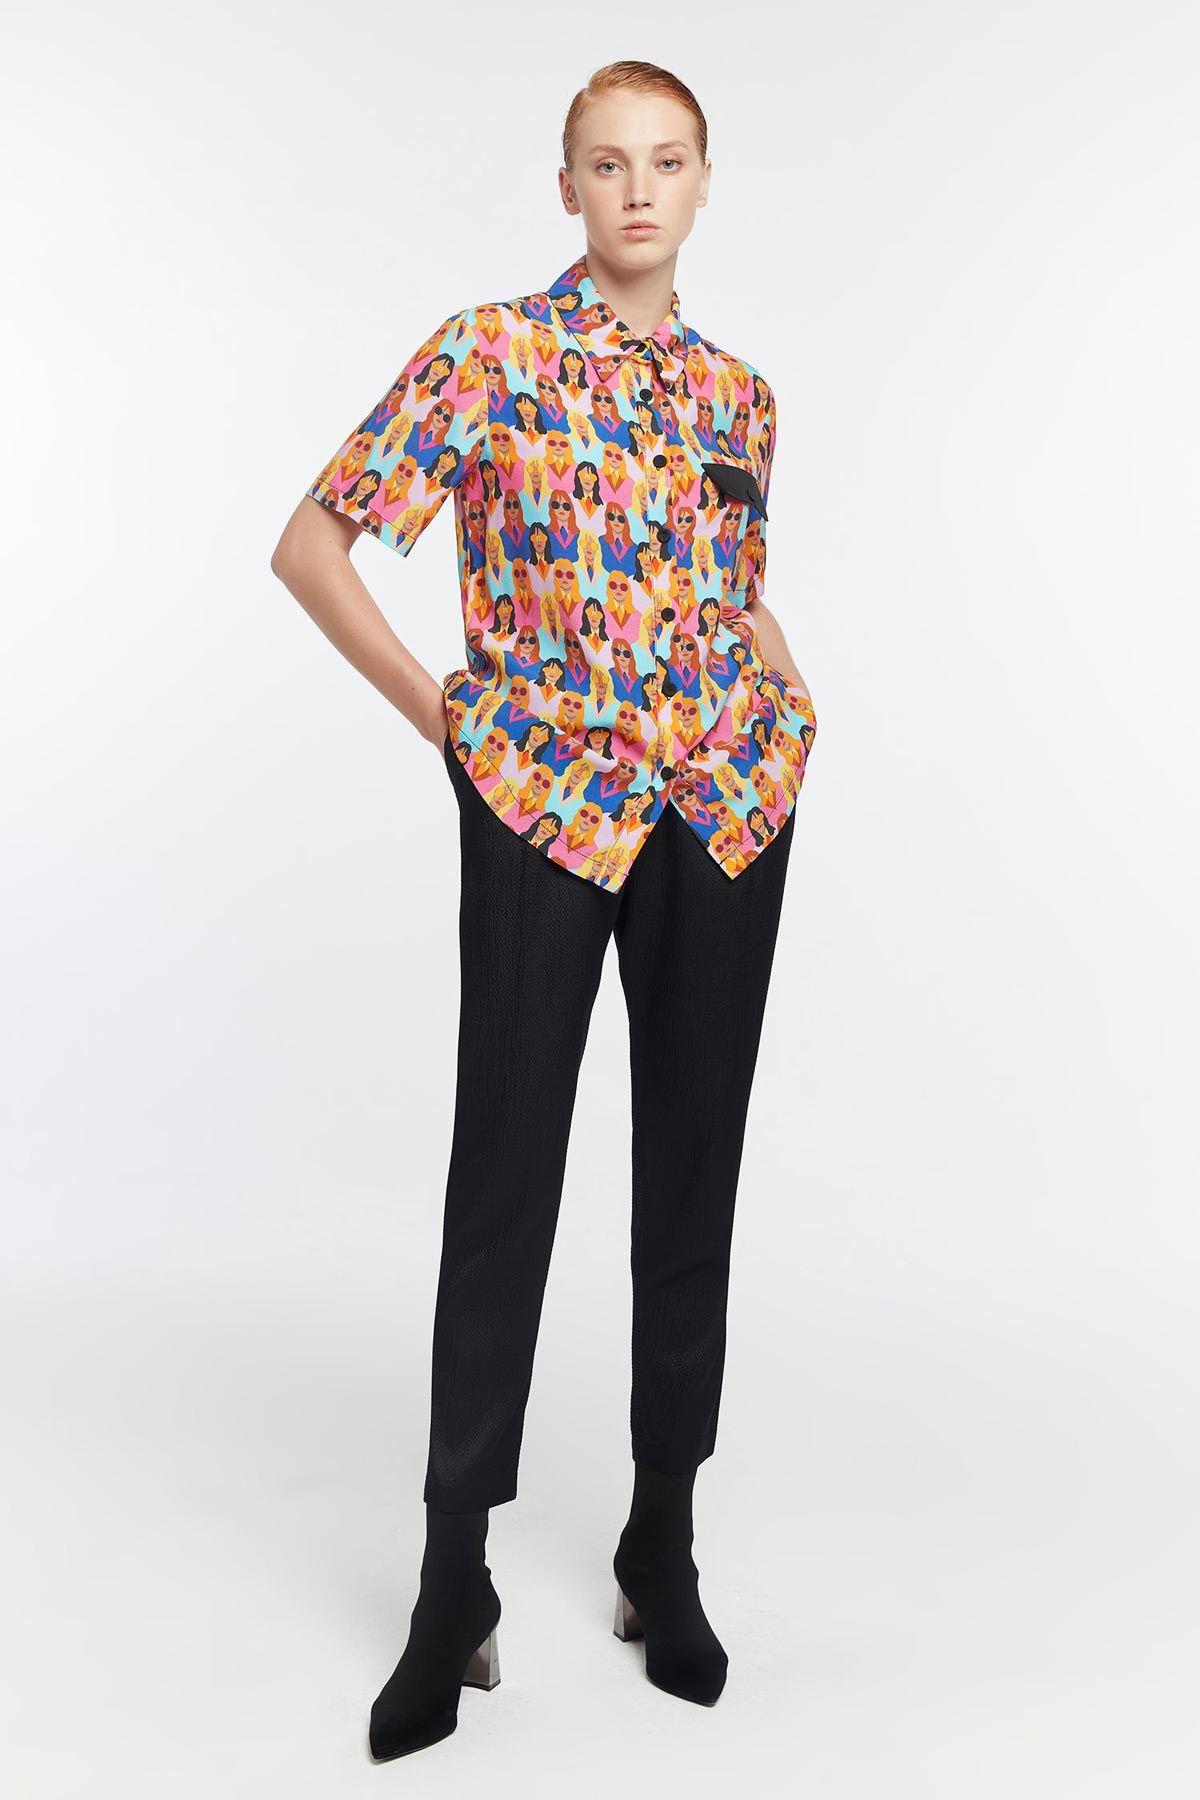 Kadın figürlü gömlek Fuşya